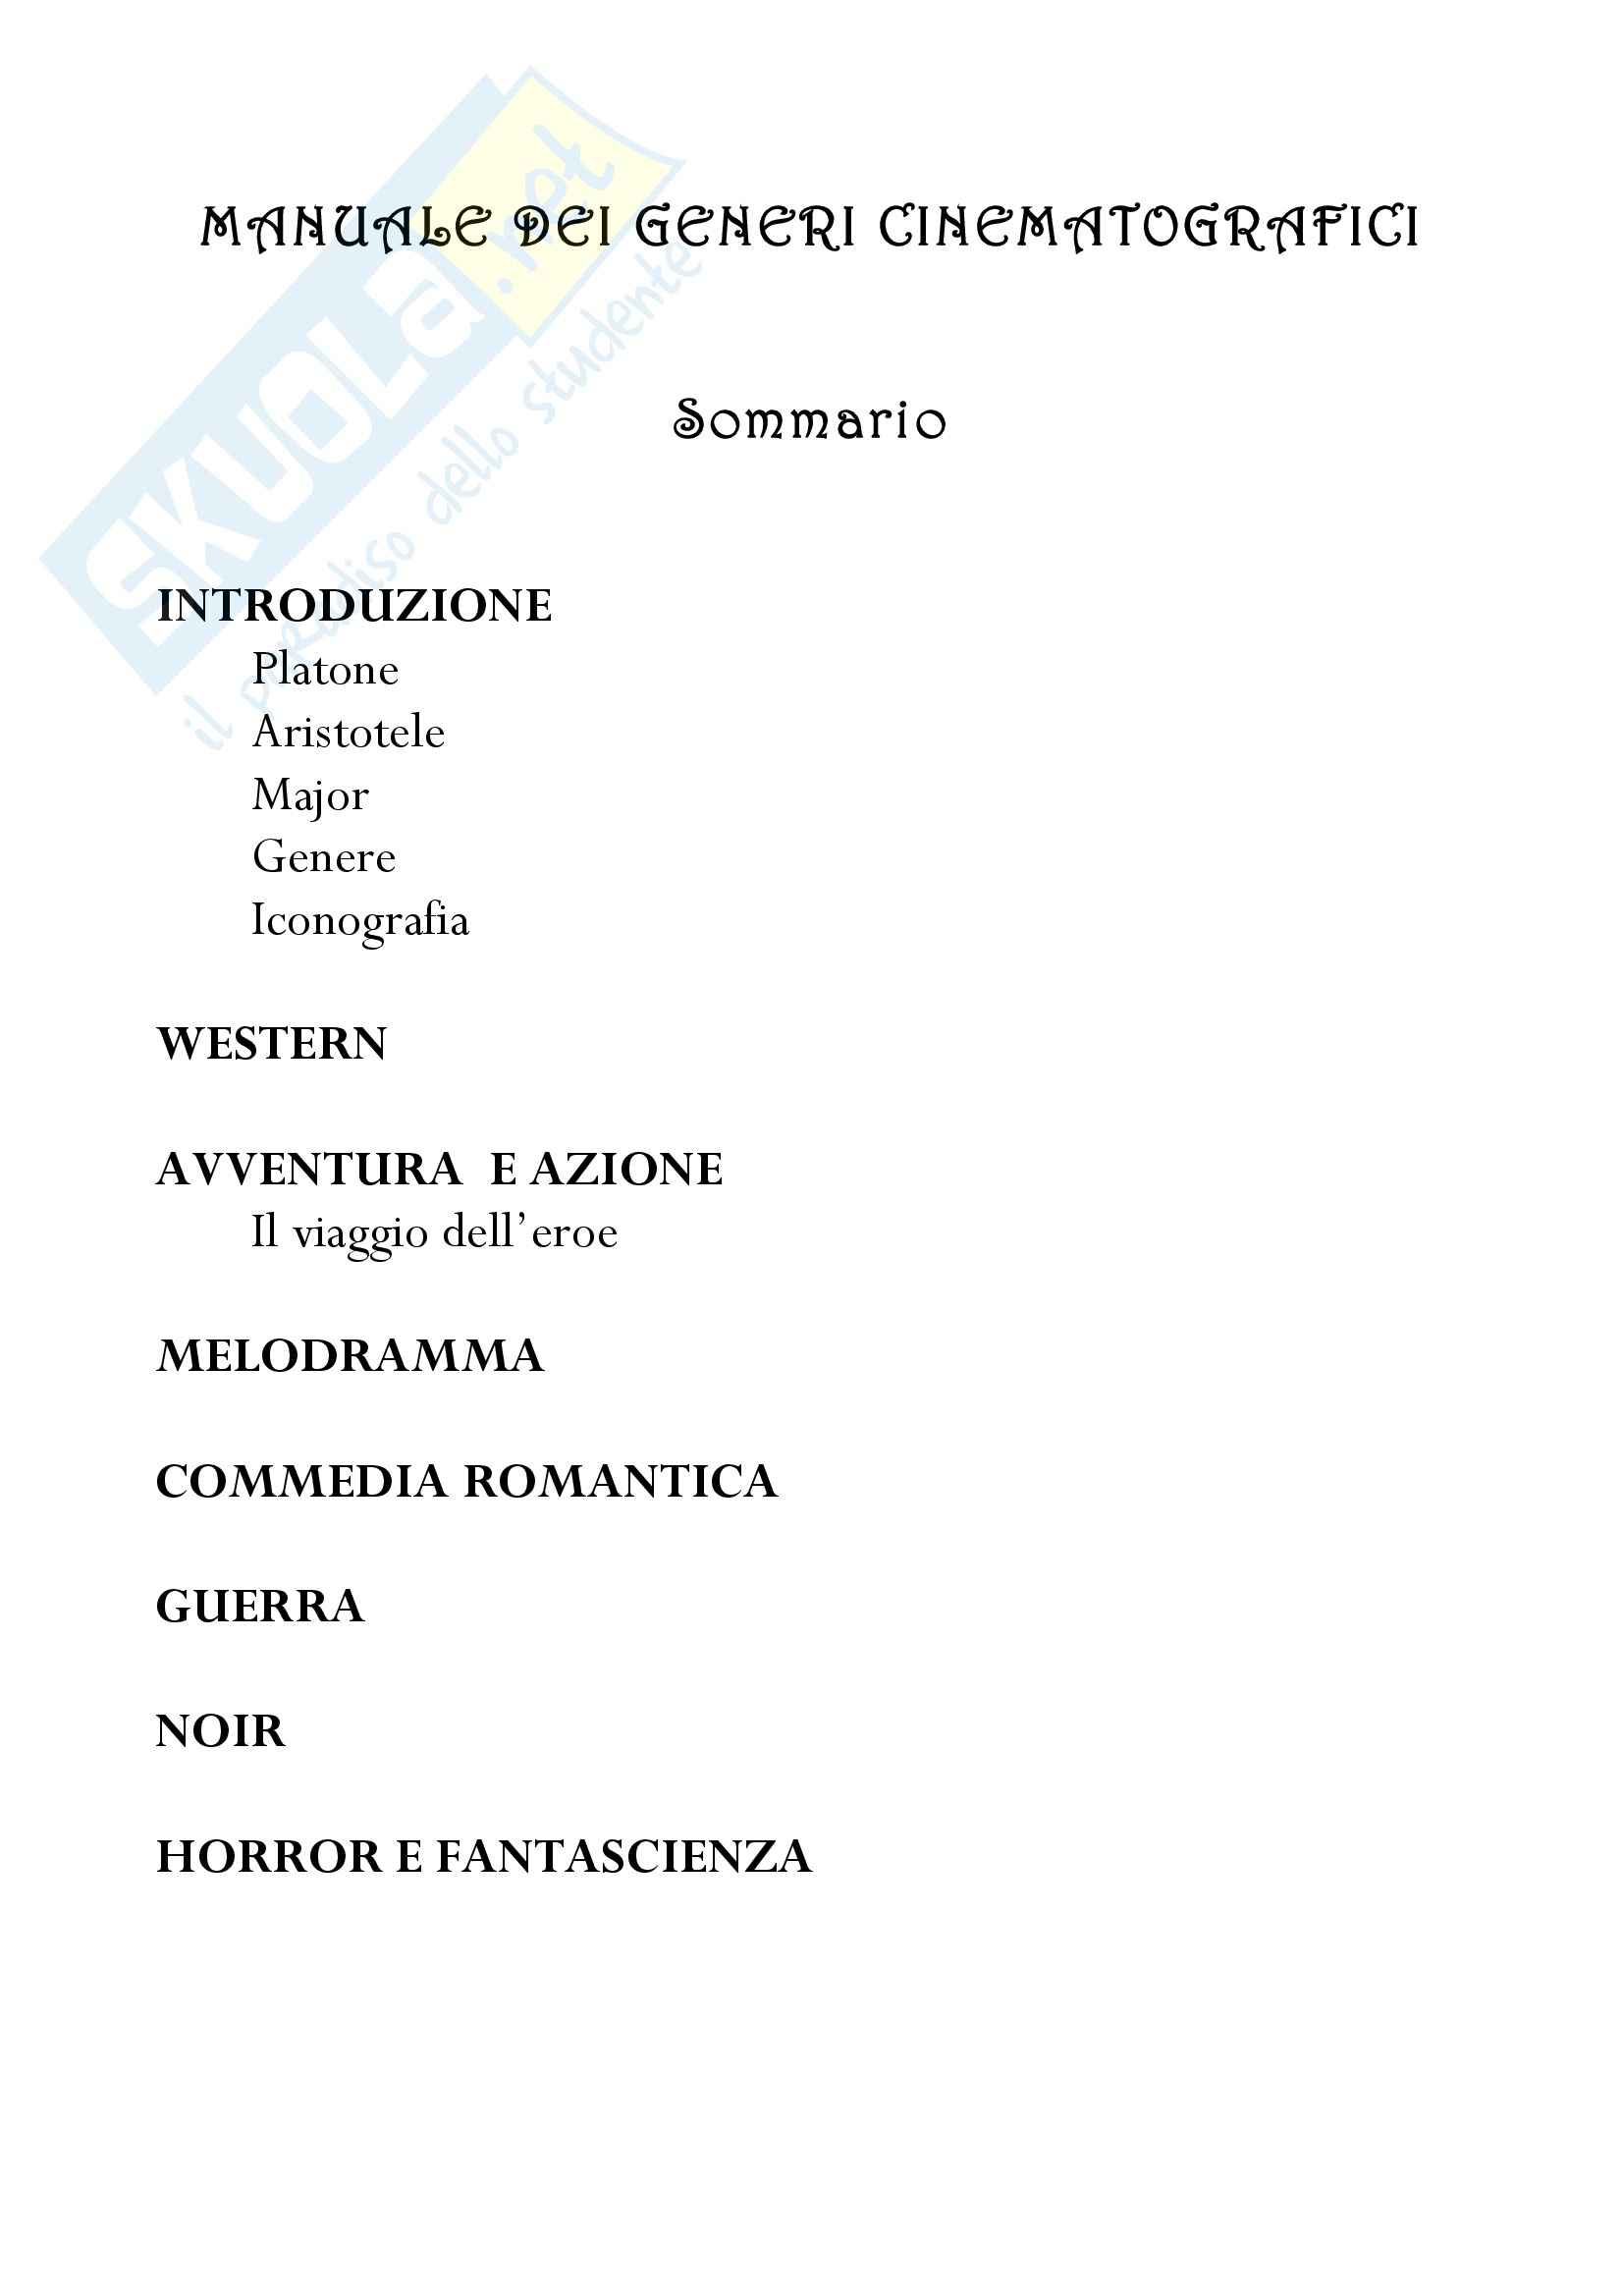 semiologia del cinema - manuale dei generi cinematografici